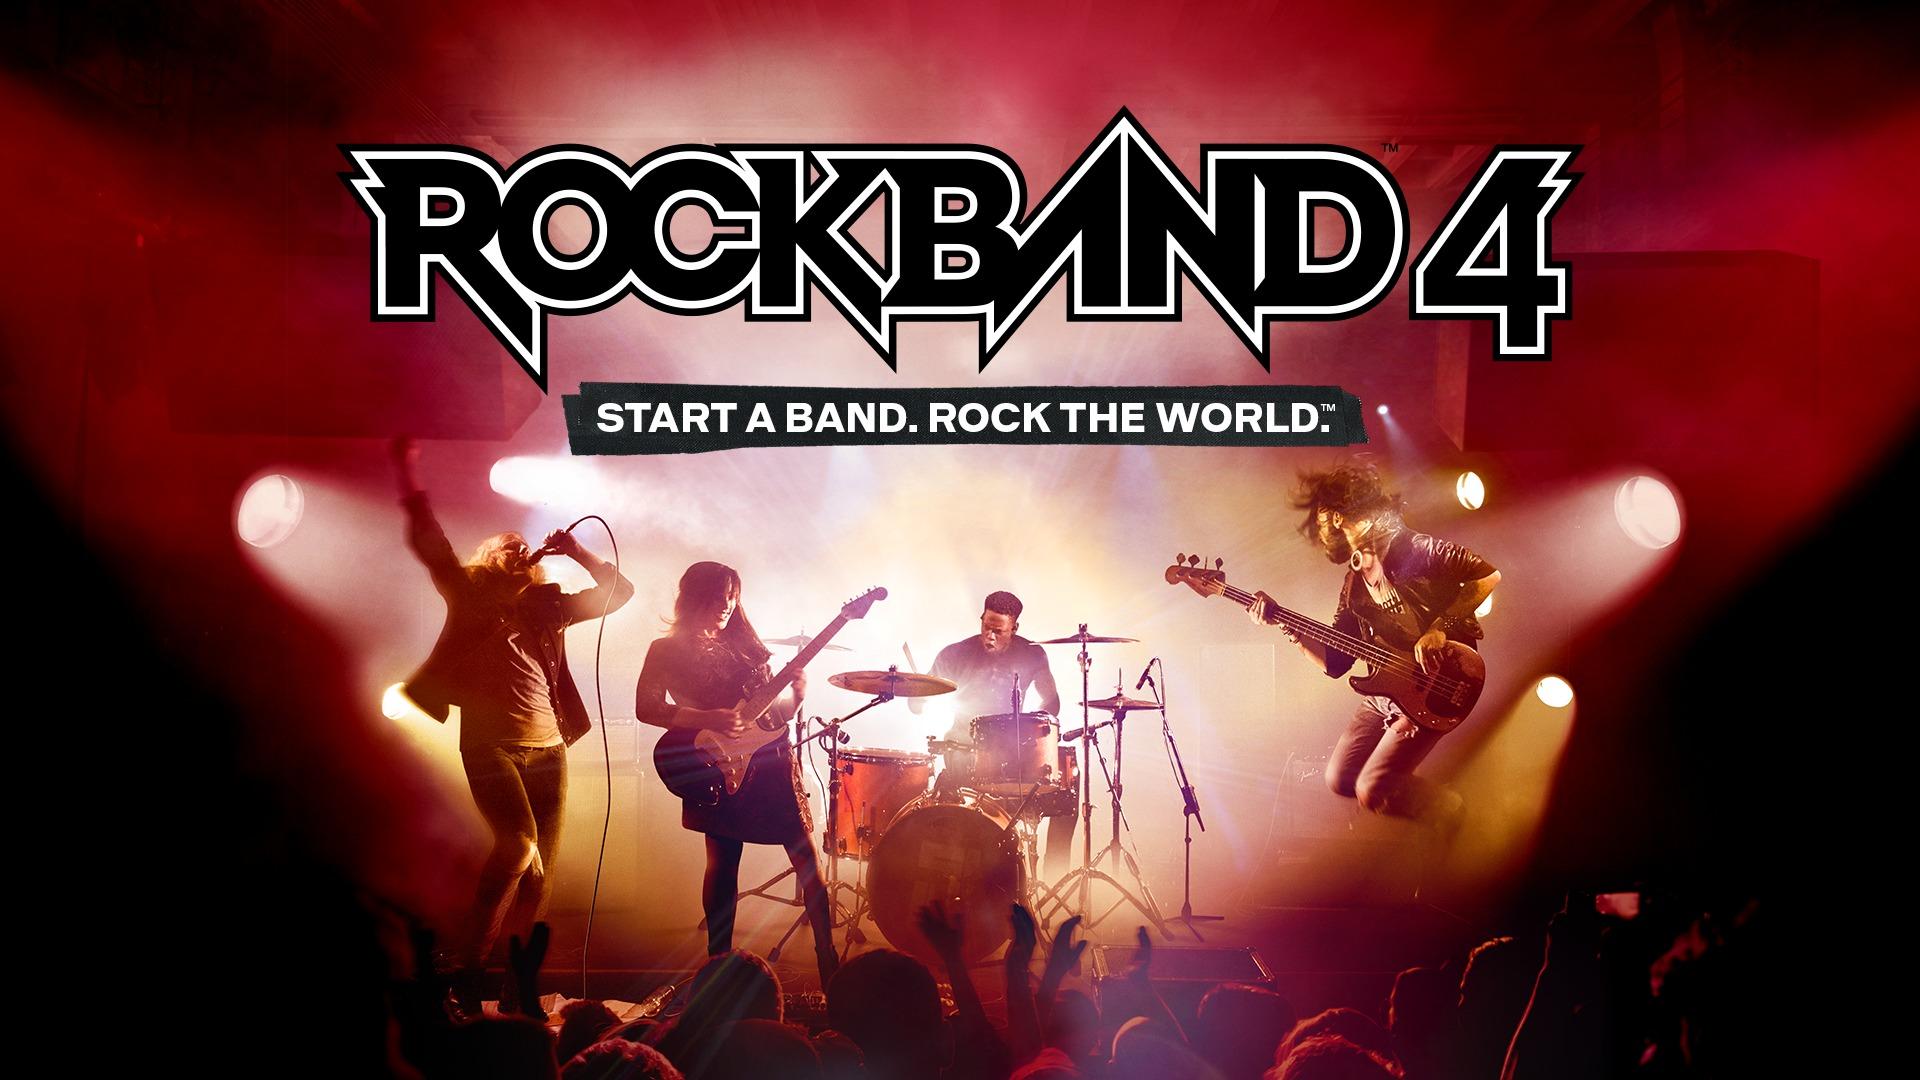 Syv ansatte i Harmonix har lagt ut falske anmeldelser av Rock Band 4 på Amazon.